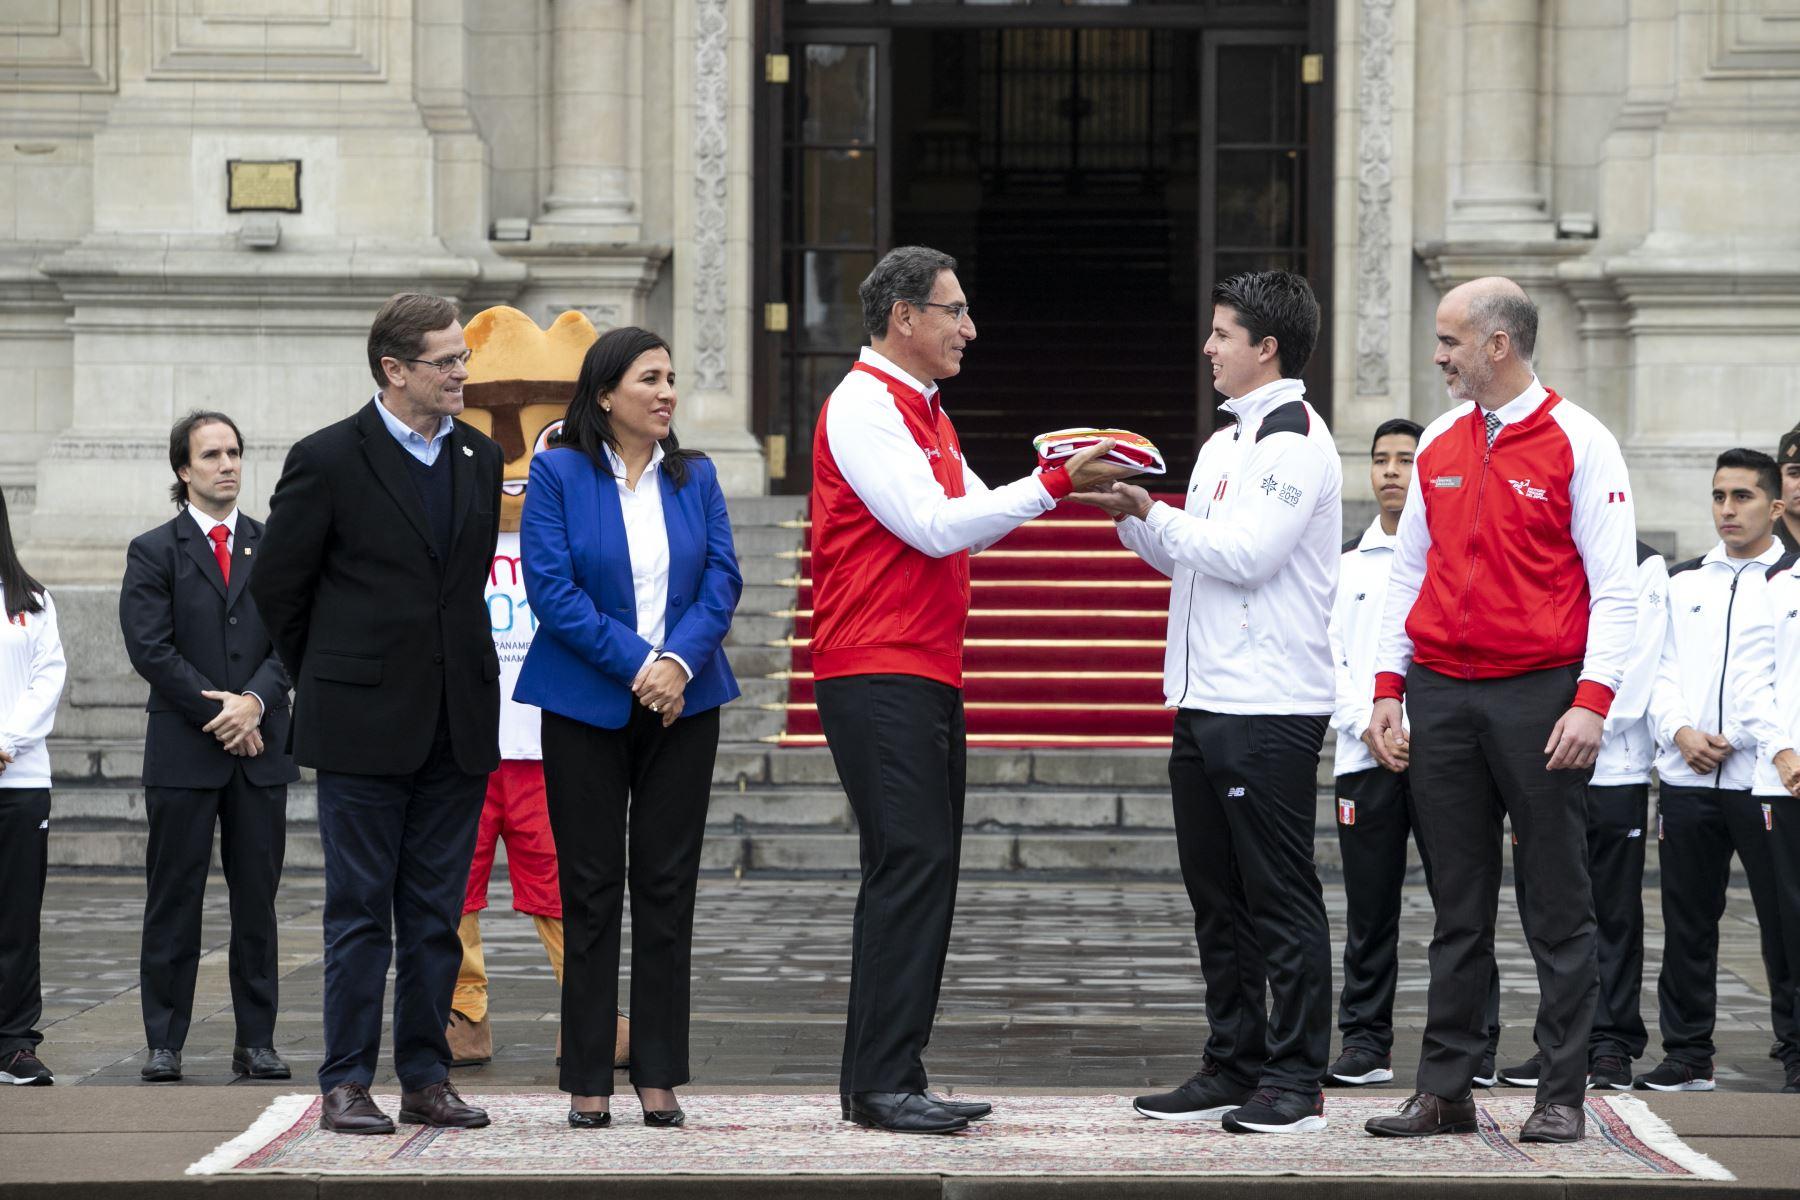 Presidente de la República Vizcarra, entrega la bandera nacional a la delegación peruana que participará en los Juegos Panamericanos 2019. Foto: ANDINA/Prensa Presidencia